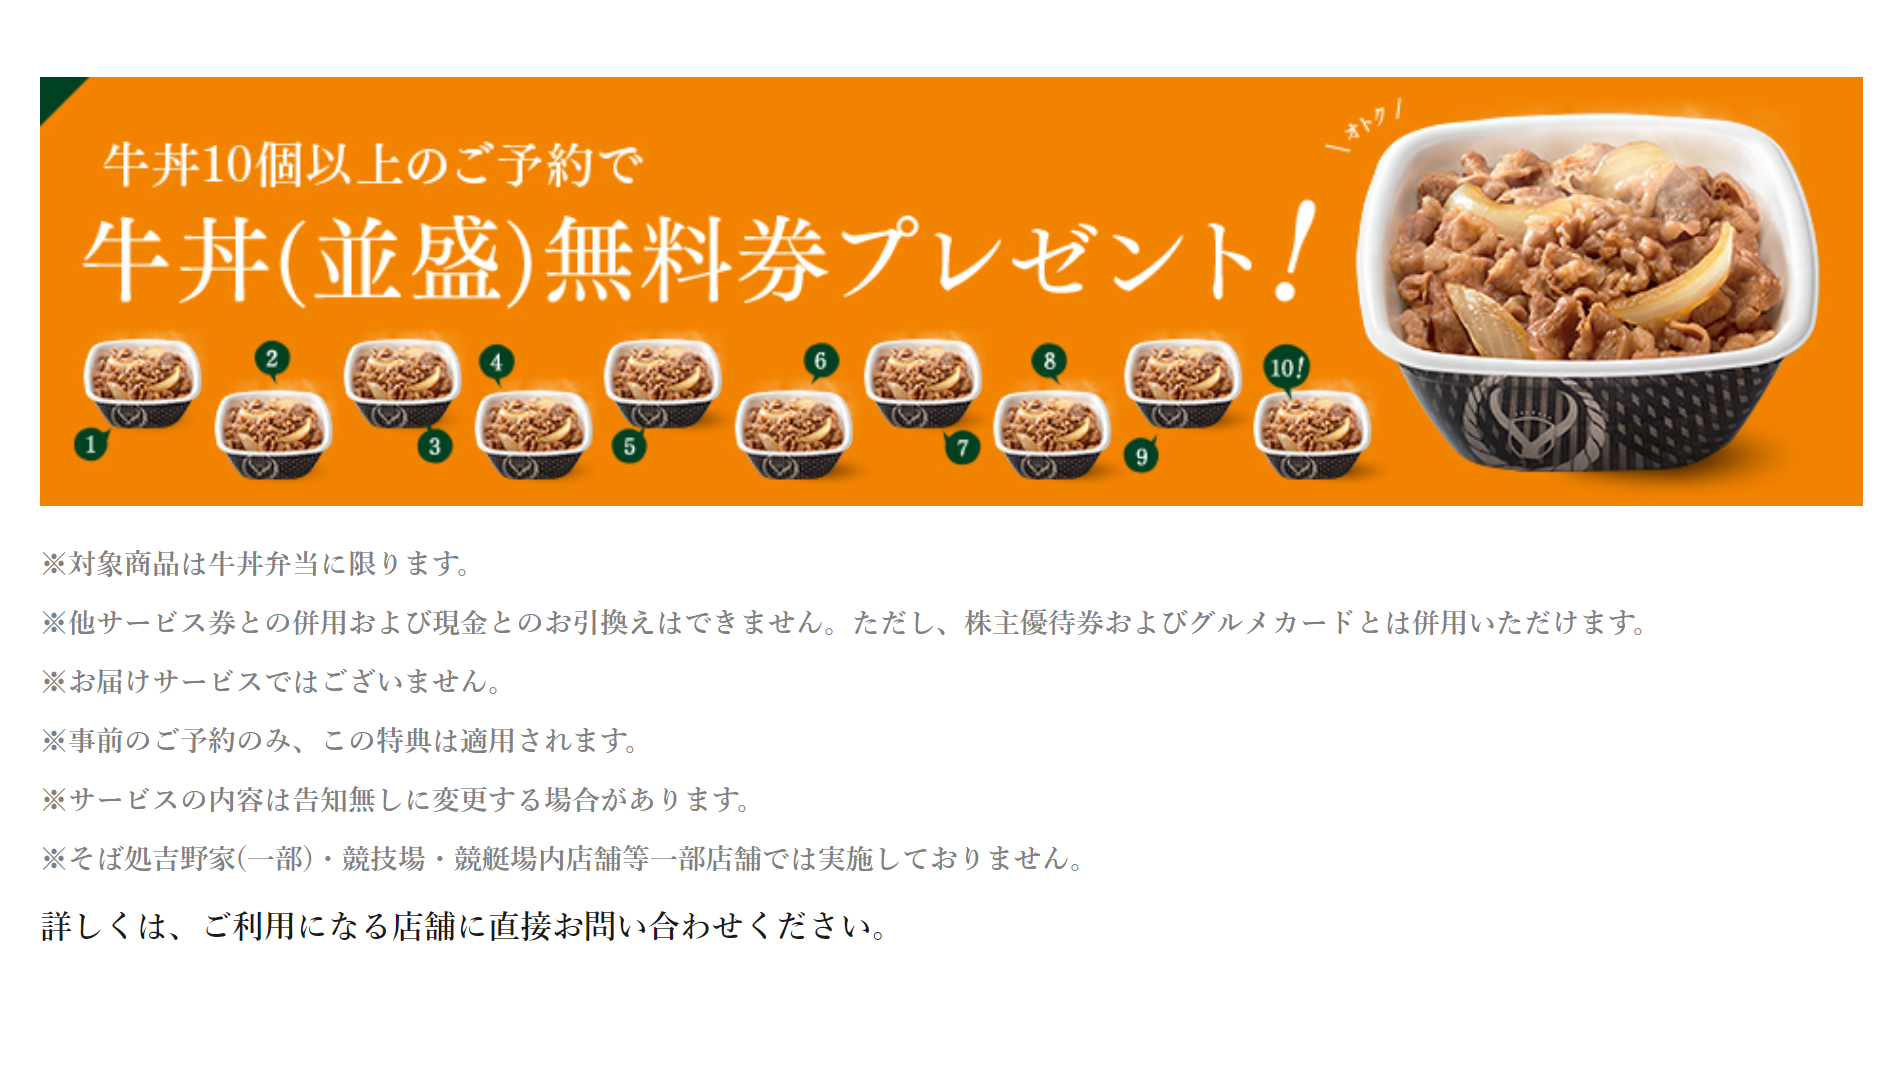 吉野家で牛丼弁当10個を事前予約すると牛丼無料券がもらえる